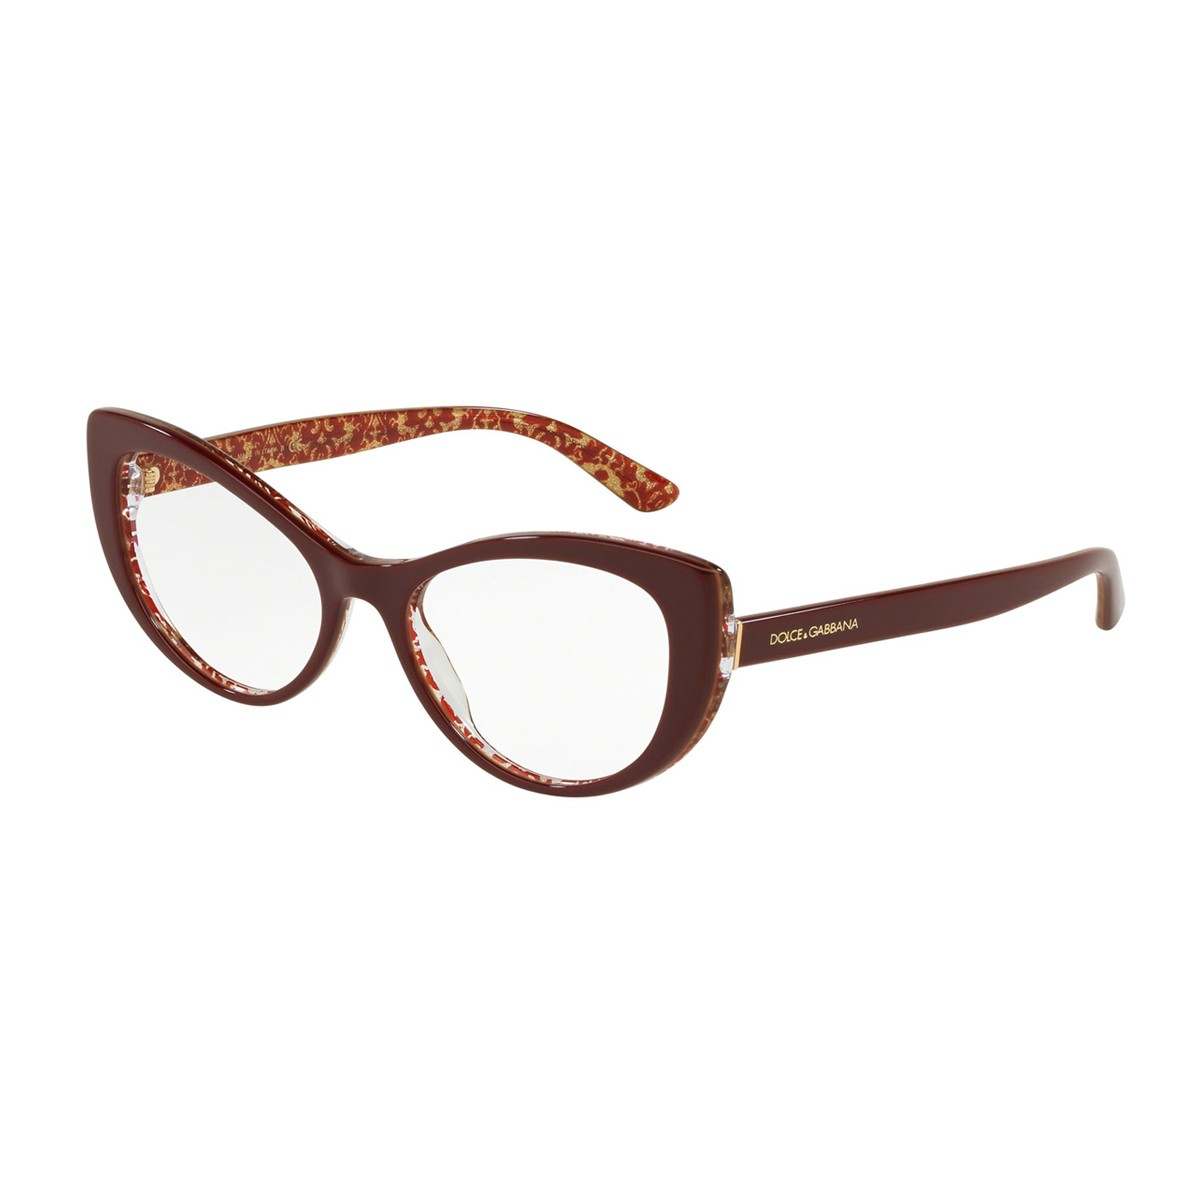 Dolce & Gabbana DG3285 | Occhiali da vista Donna